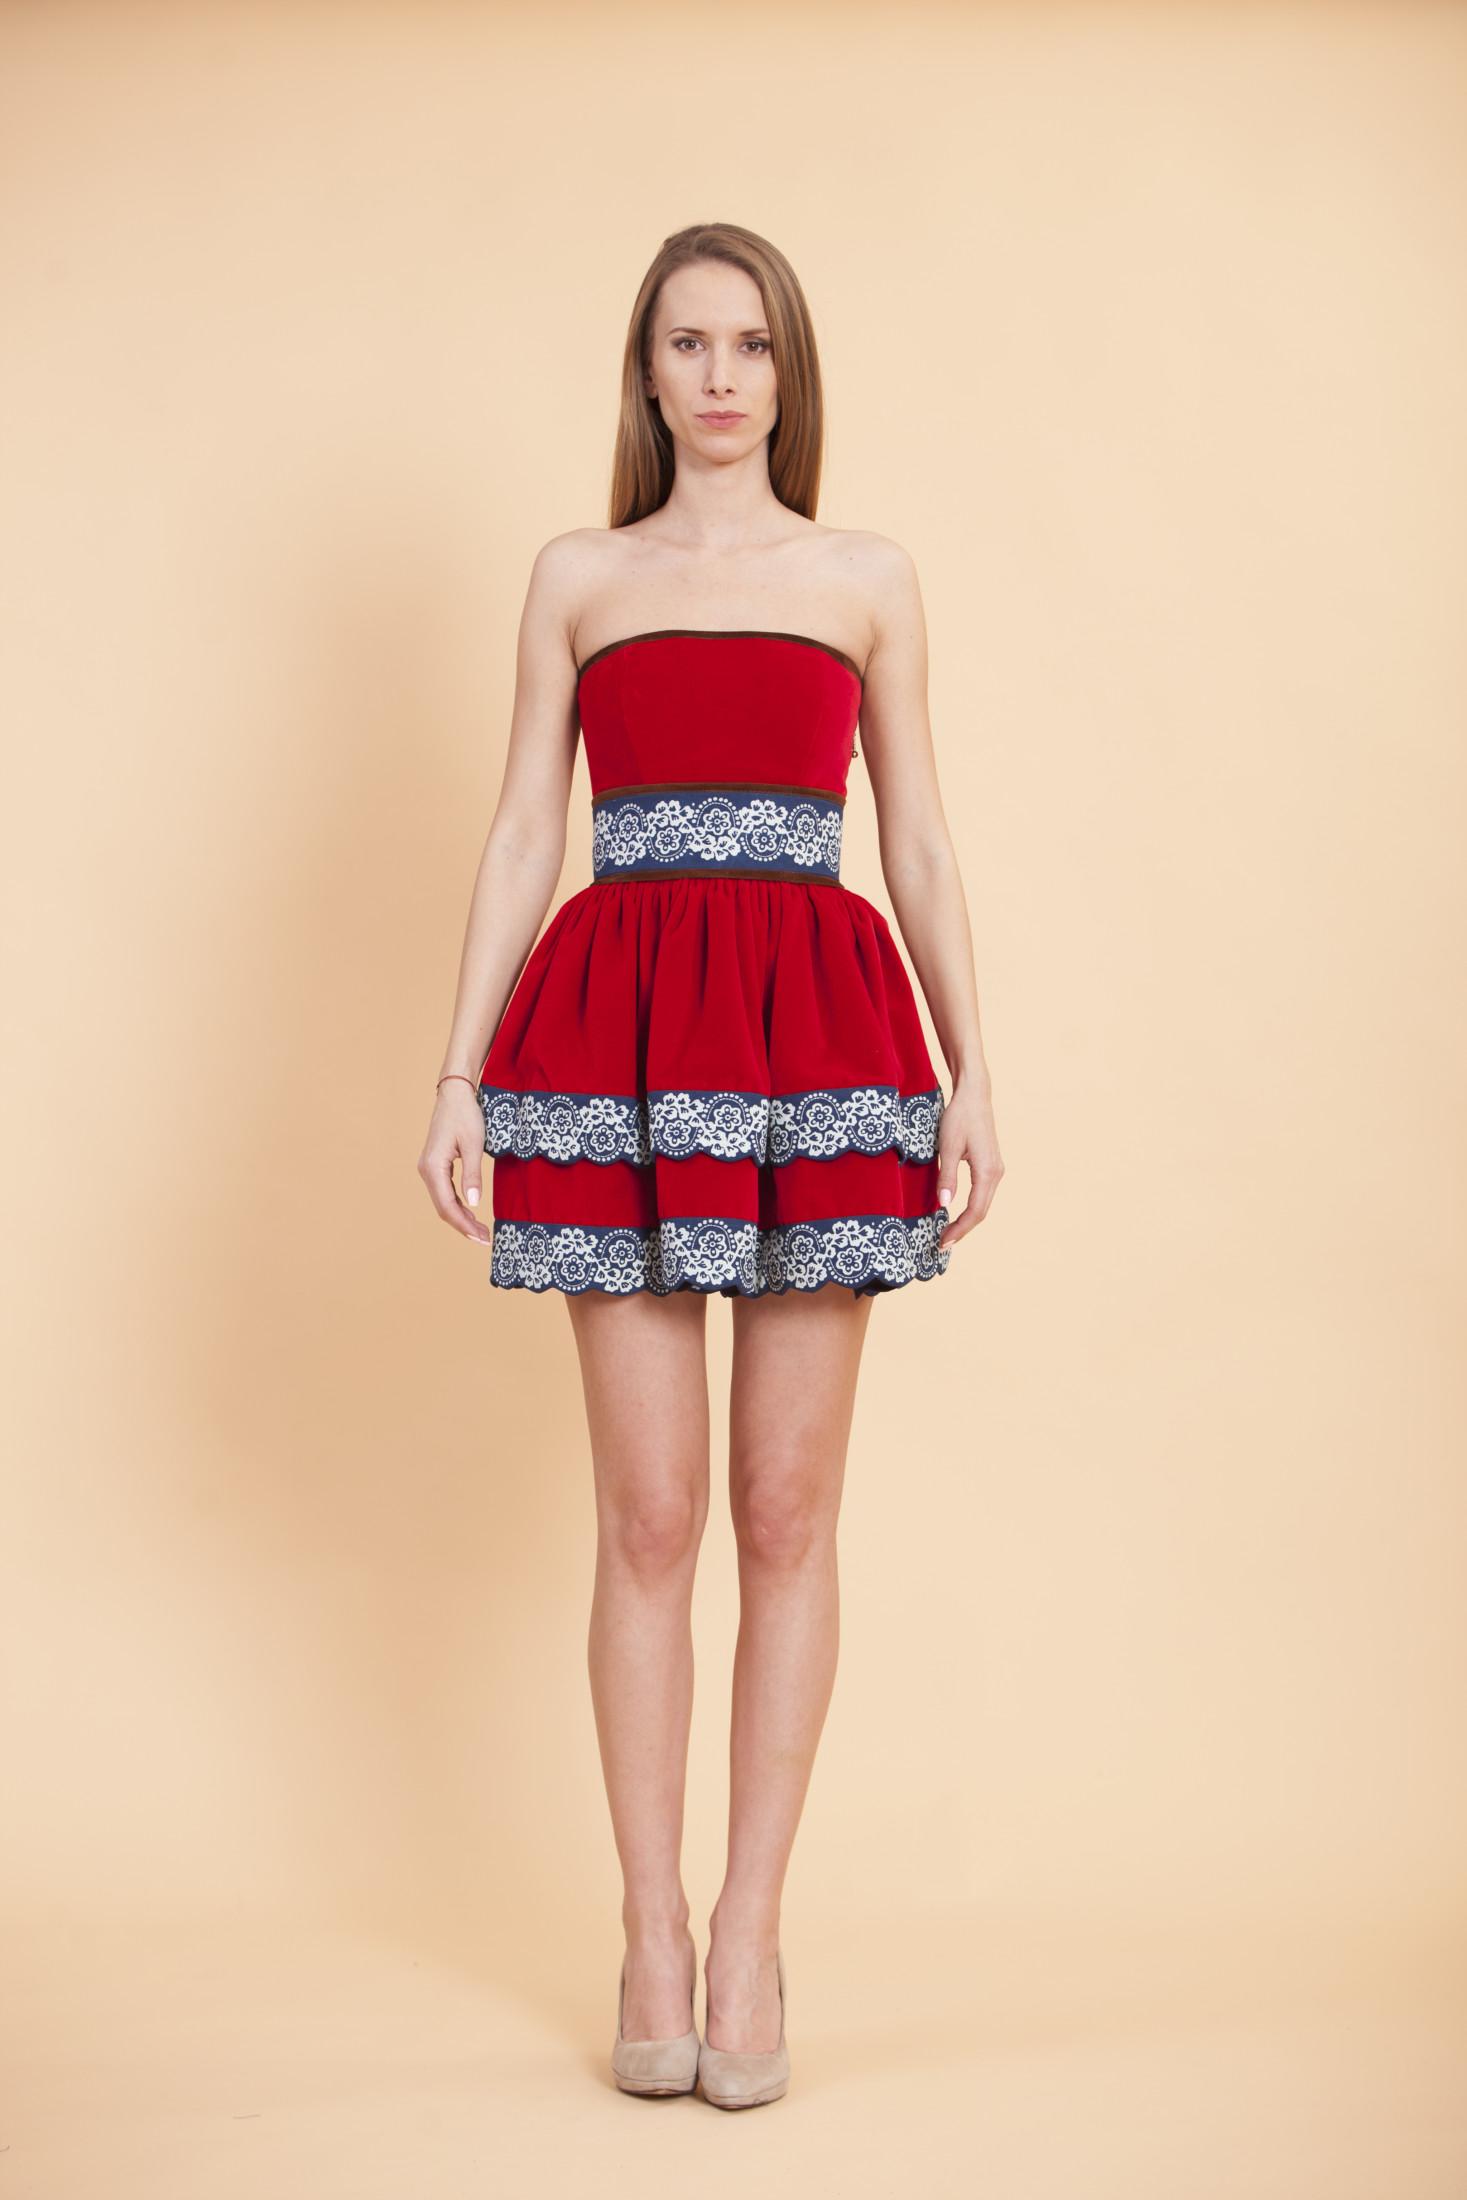 Zamatové šaty True Blue JG - JANA GAVALCOVA 4bd8e767745